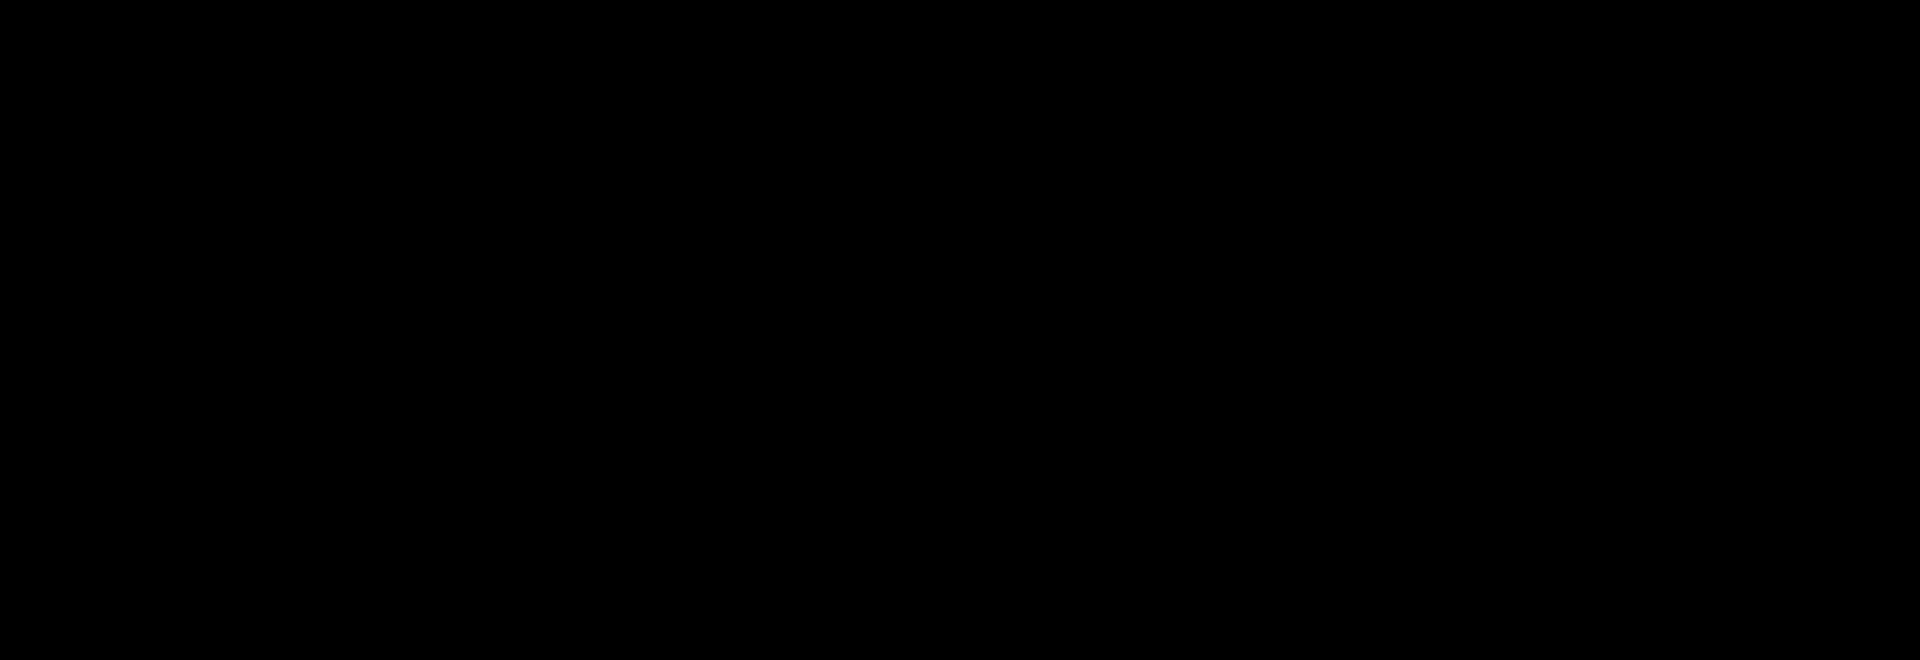 1a g.